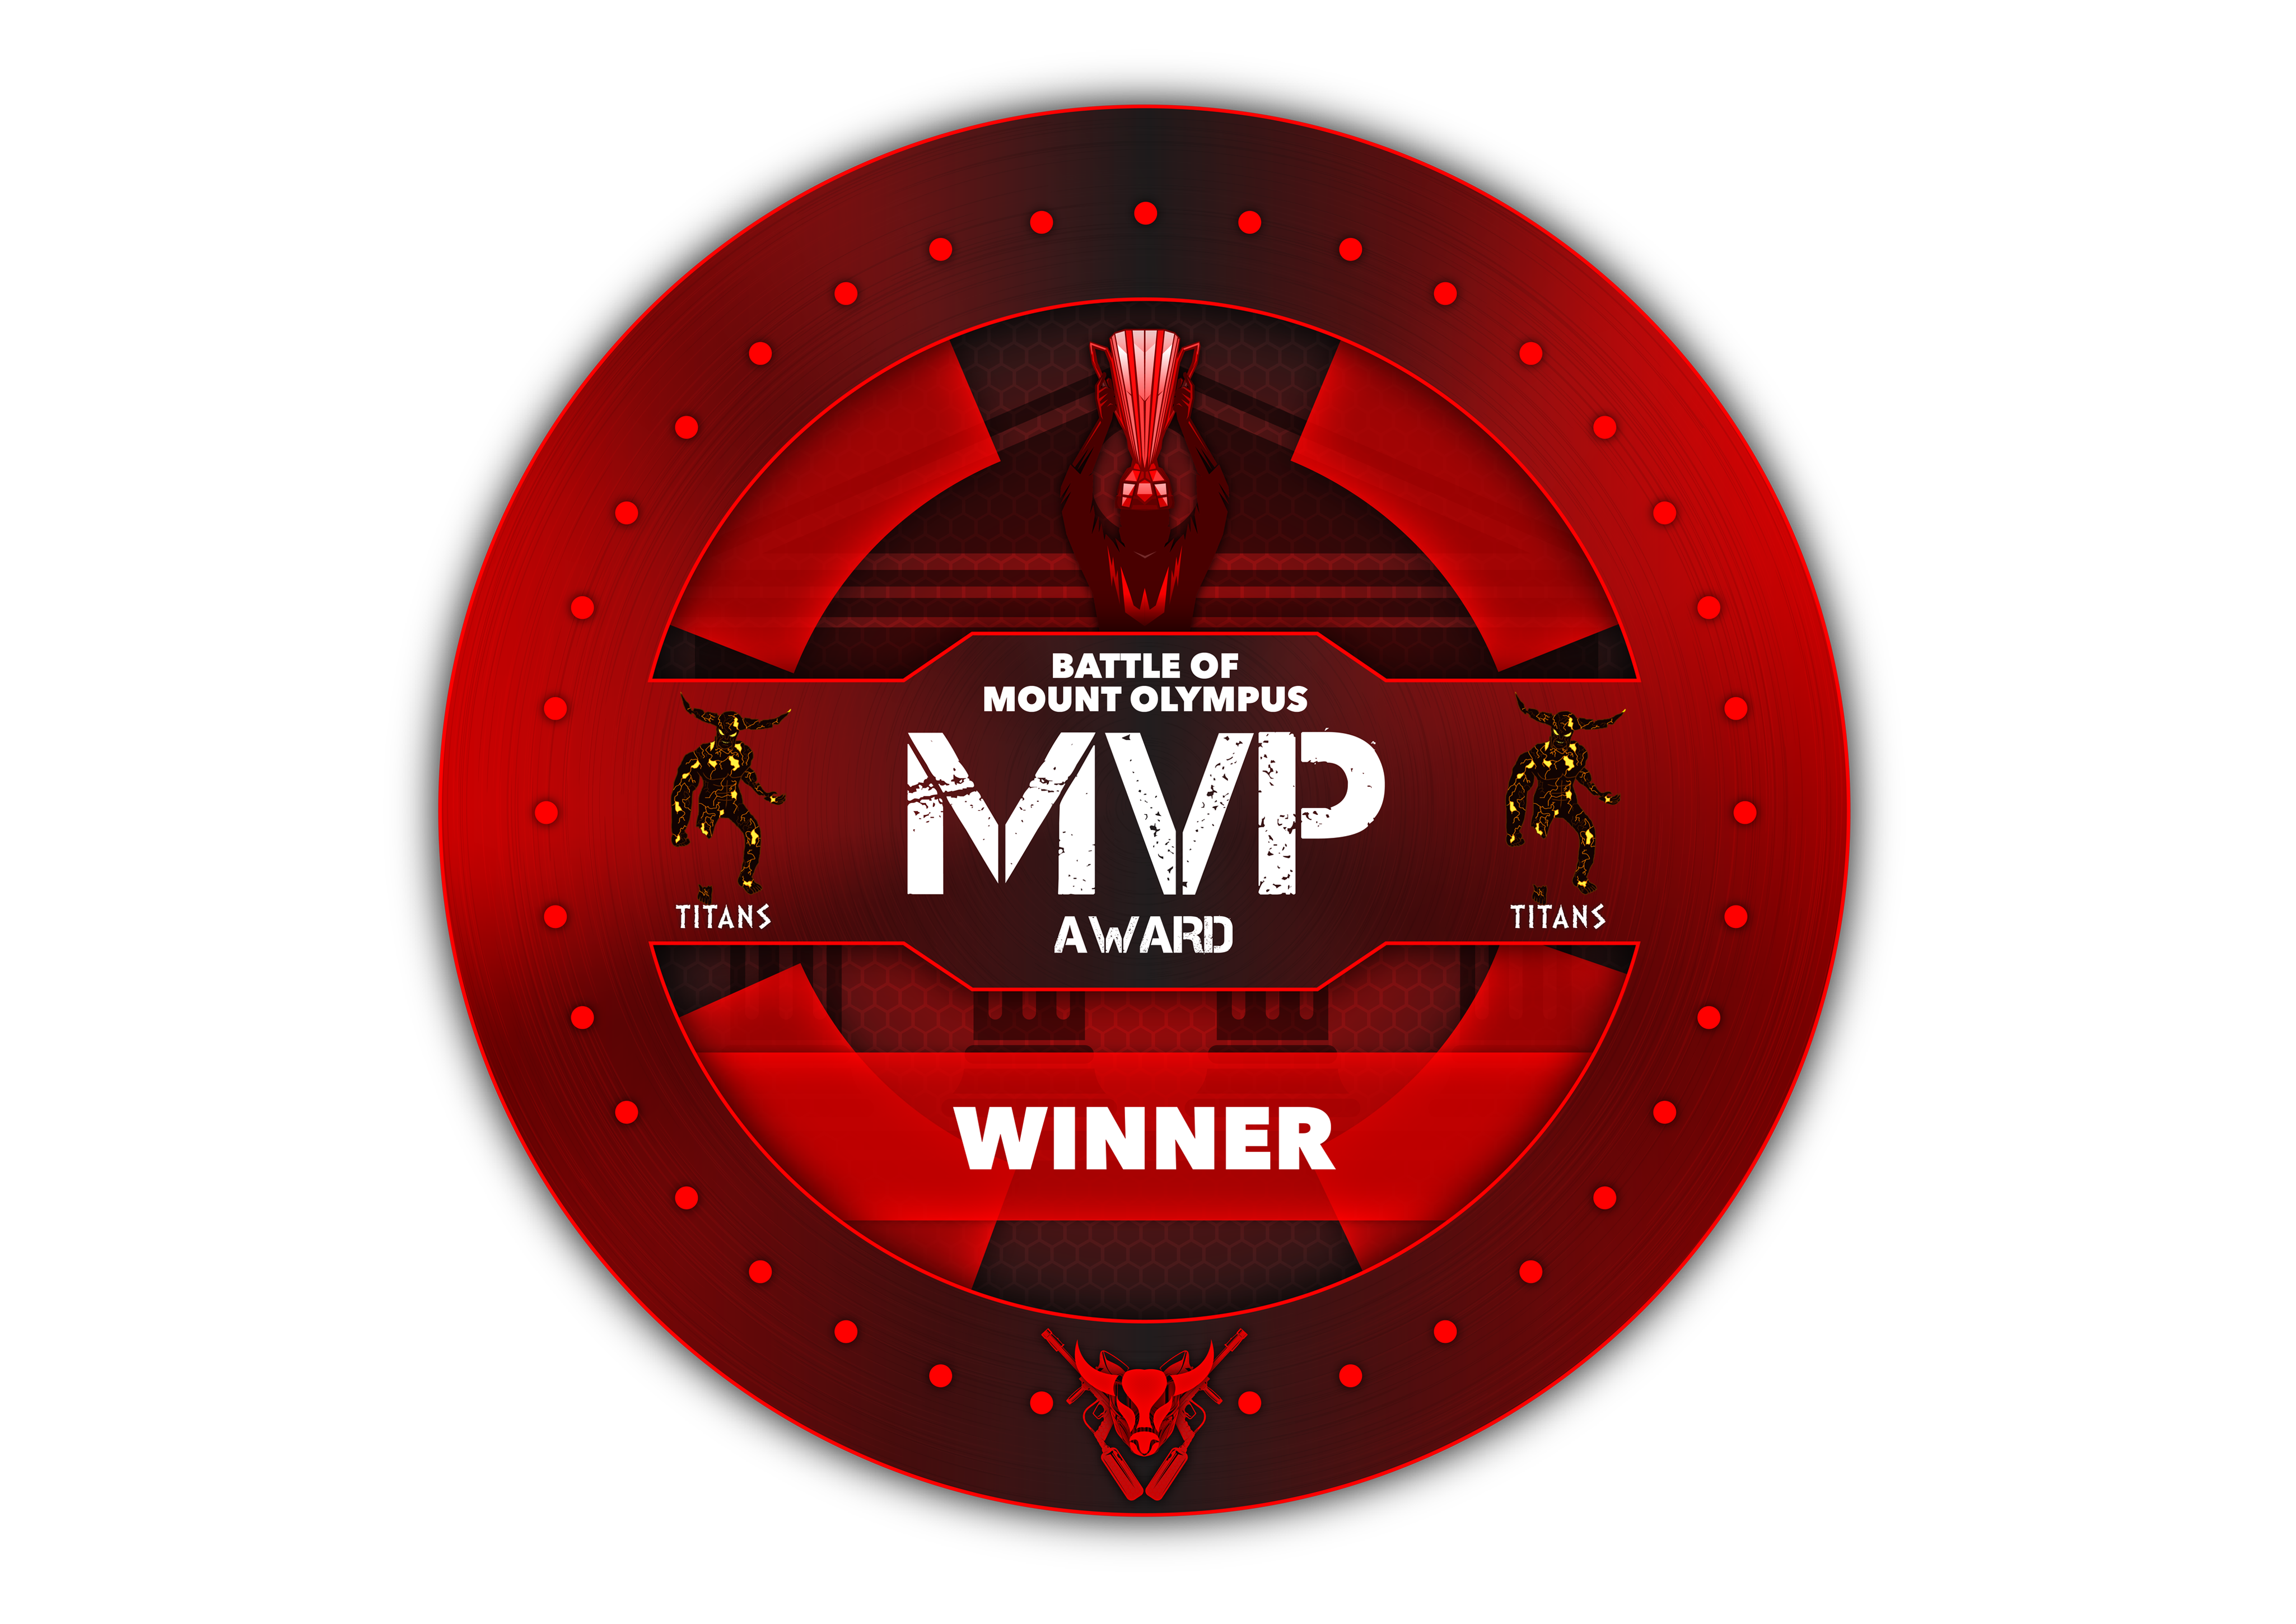 TITANS MVP Award